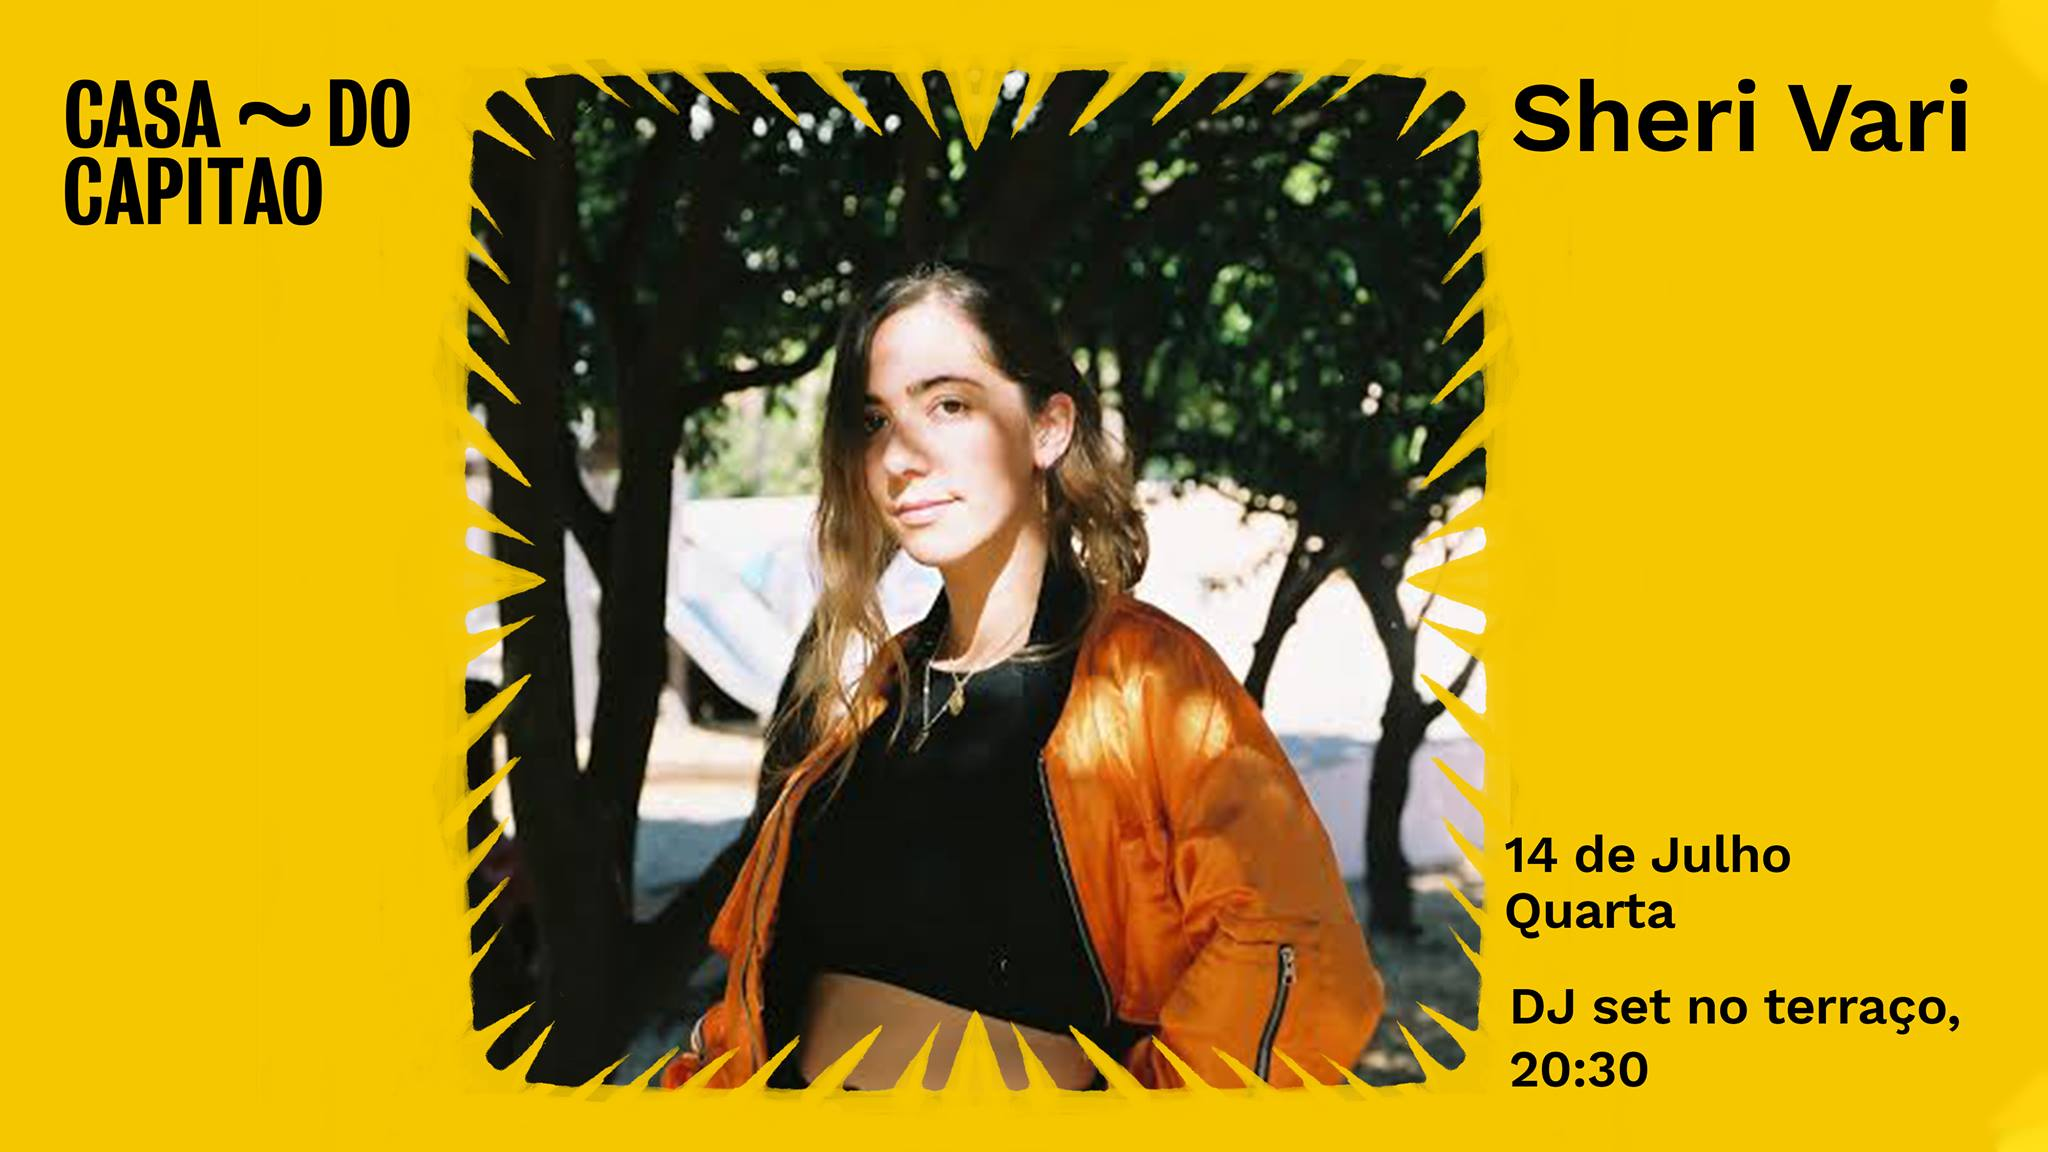 Sheri Vari • DJ set no terraço